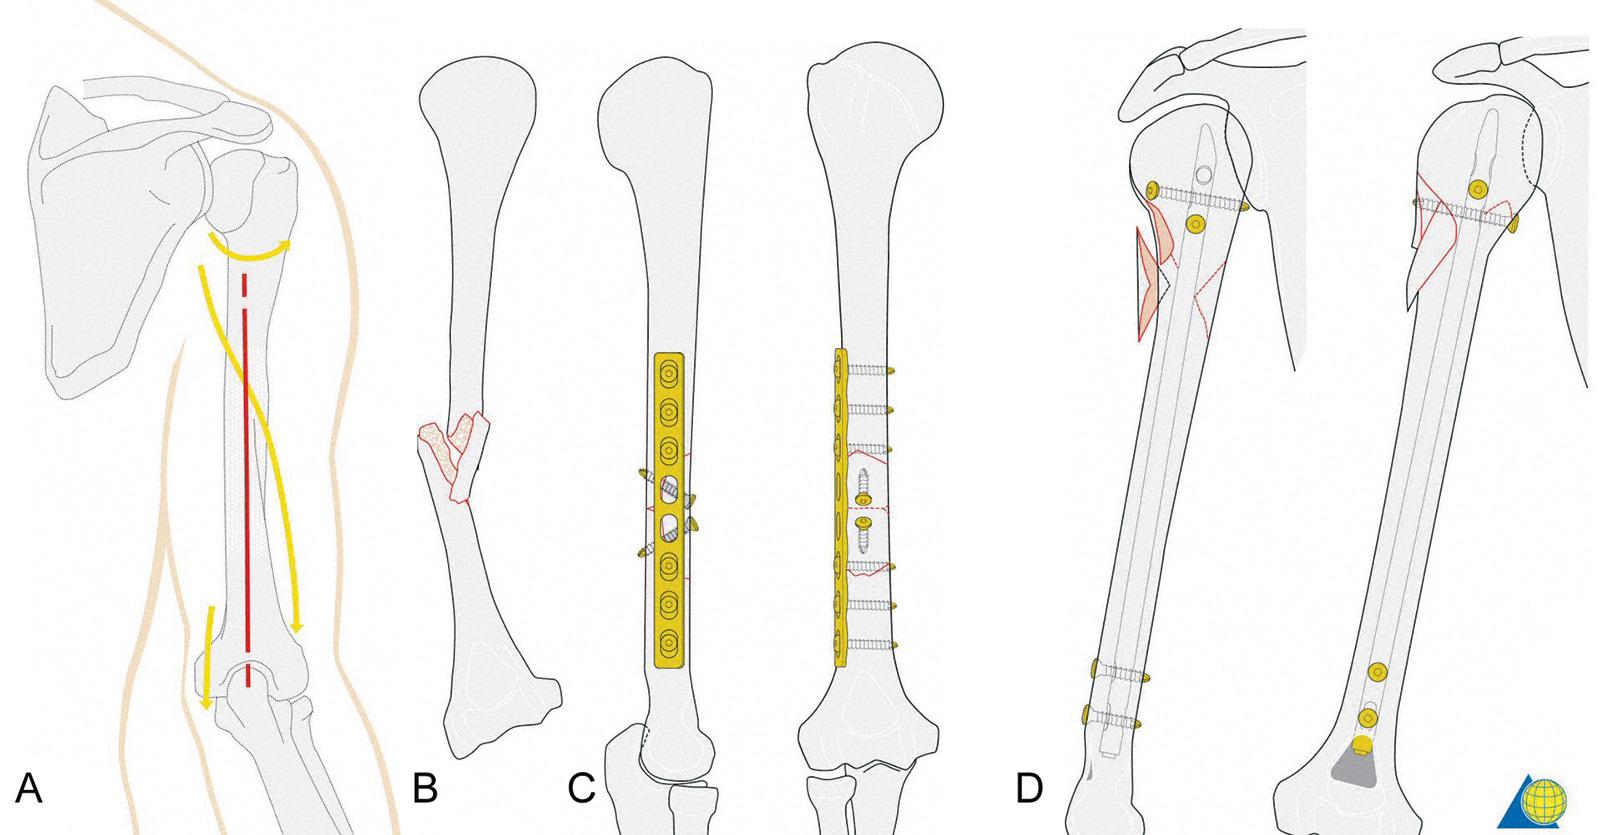 Abb. 3-74: Dorsaler Zugang zum Humerus unter Schonung des N. axillaris (1), N. radialis (2) und des N. ulnaris (3); Plattenosteosynthese einer B2 Fraktur mit einer 8 Lochplatte und Bruchspaltschrauben (B,C); Stabilisierung einer A3 Fraktur mit einem unauf